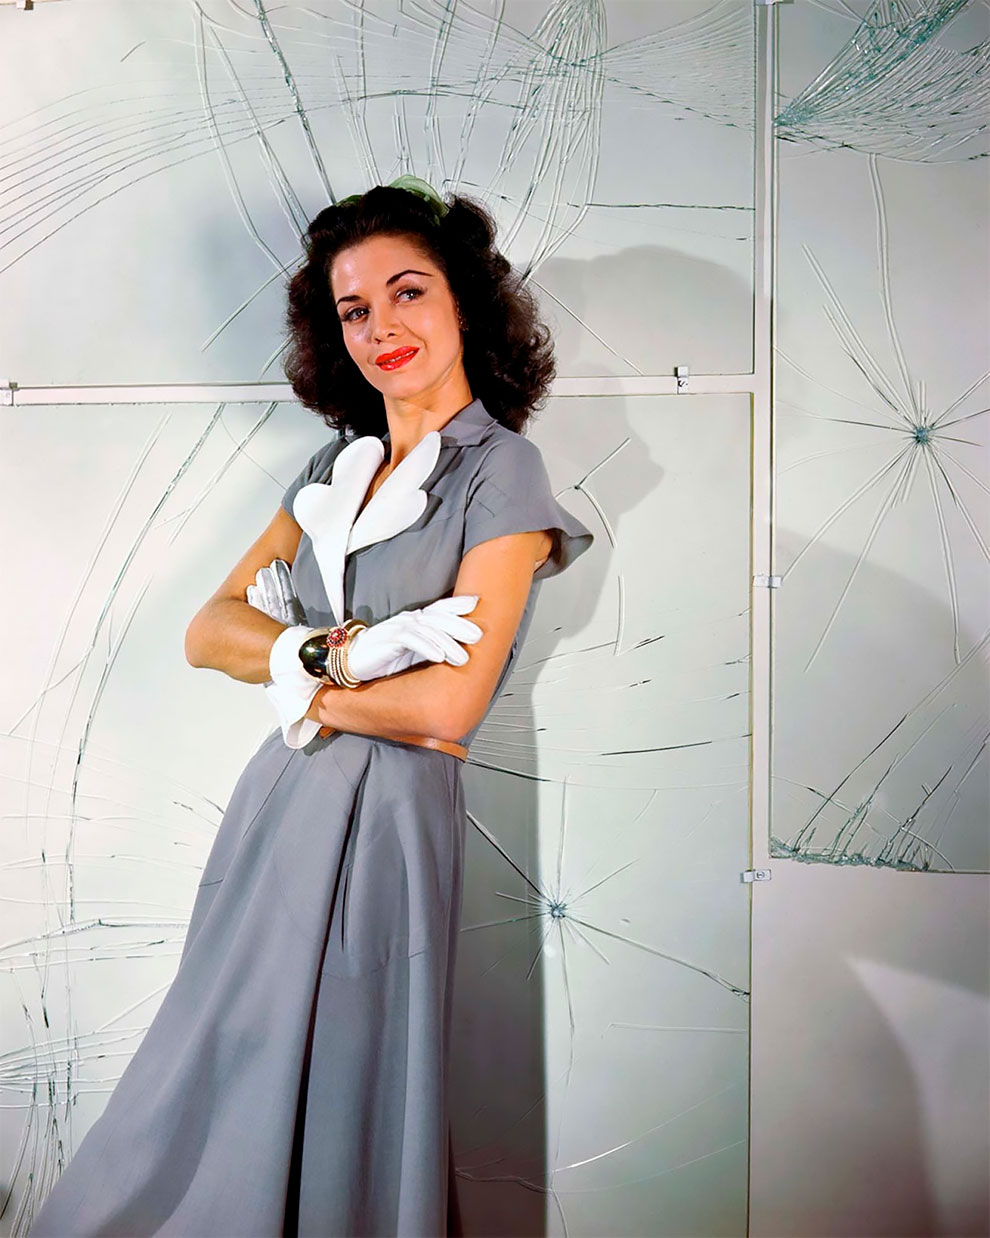 В потрясающих цветах фото Женевьевы Нейлор, 1945-1959 (8).jpg